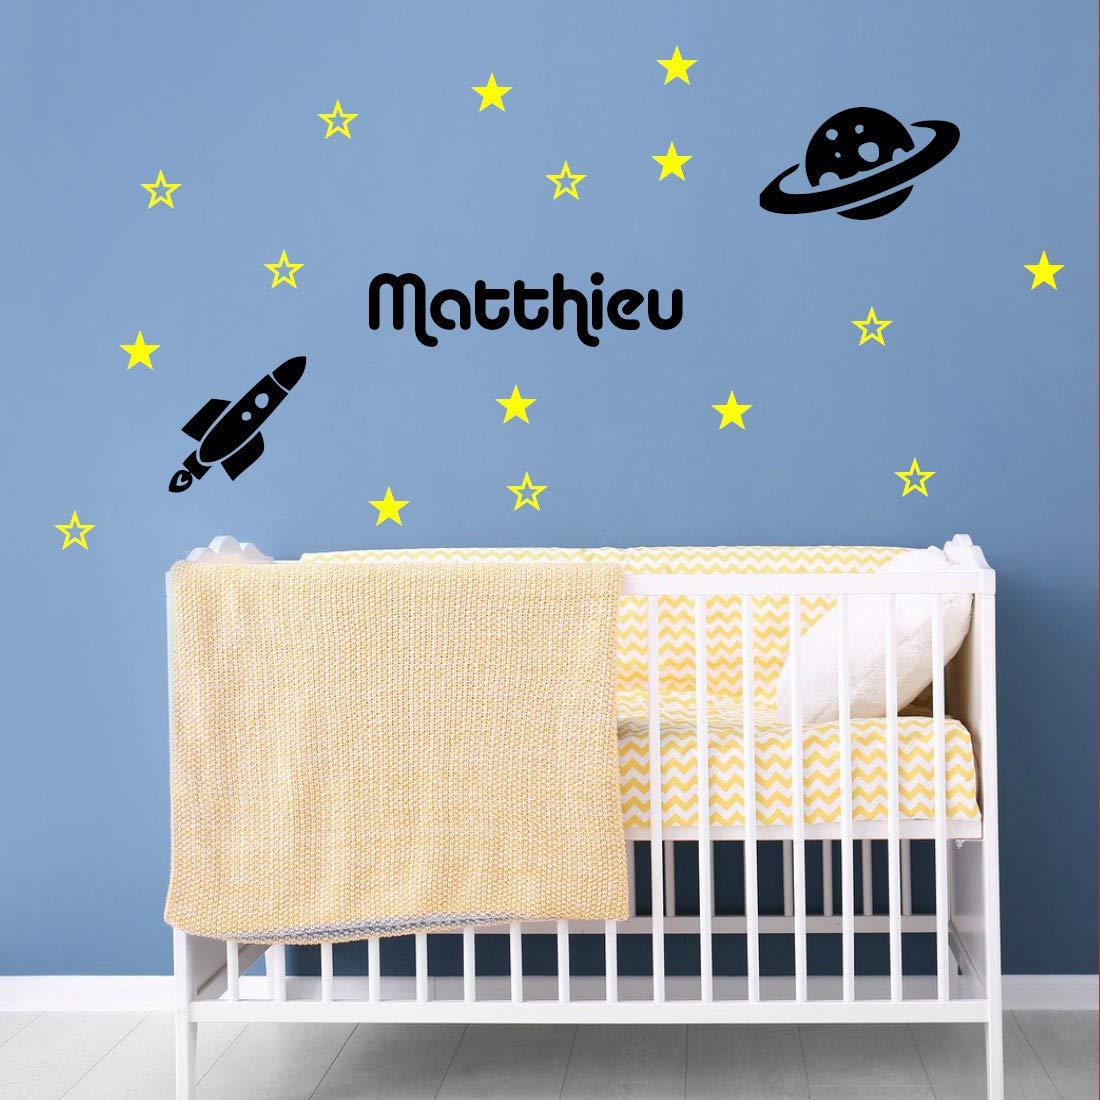 /étoiles, plan/ète et fus/ée + pr/énom Stickers mural dans lespace D/écoration mur chambre enfant//b/éb/é 14 couleurs au choix.